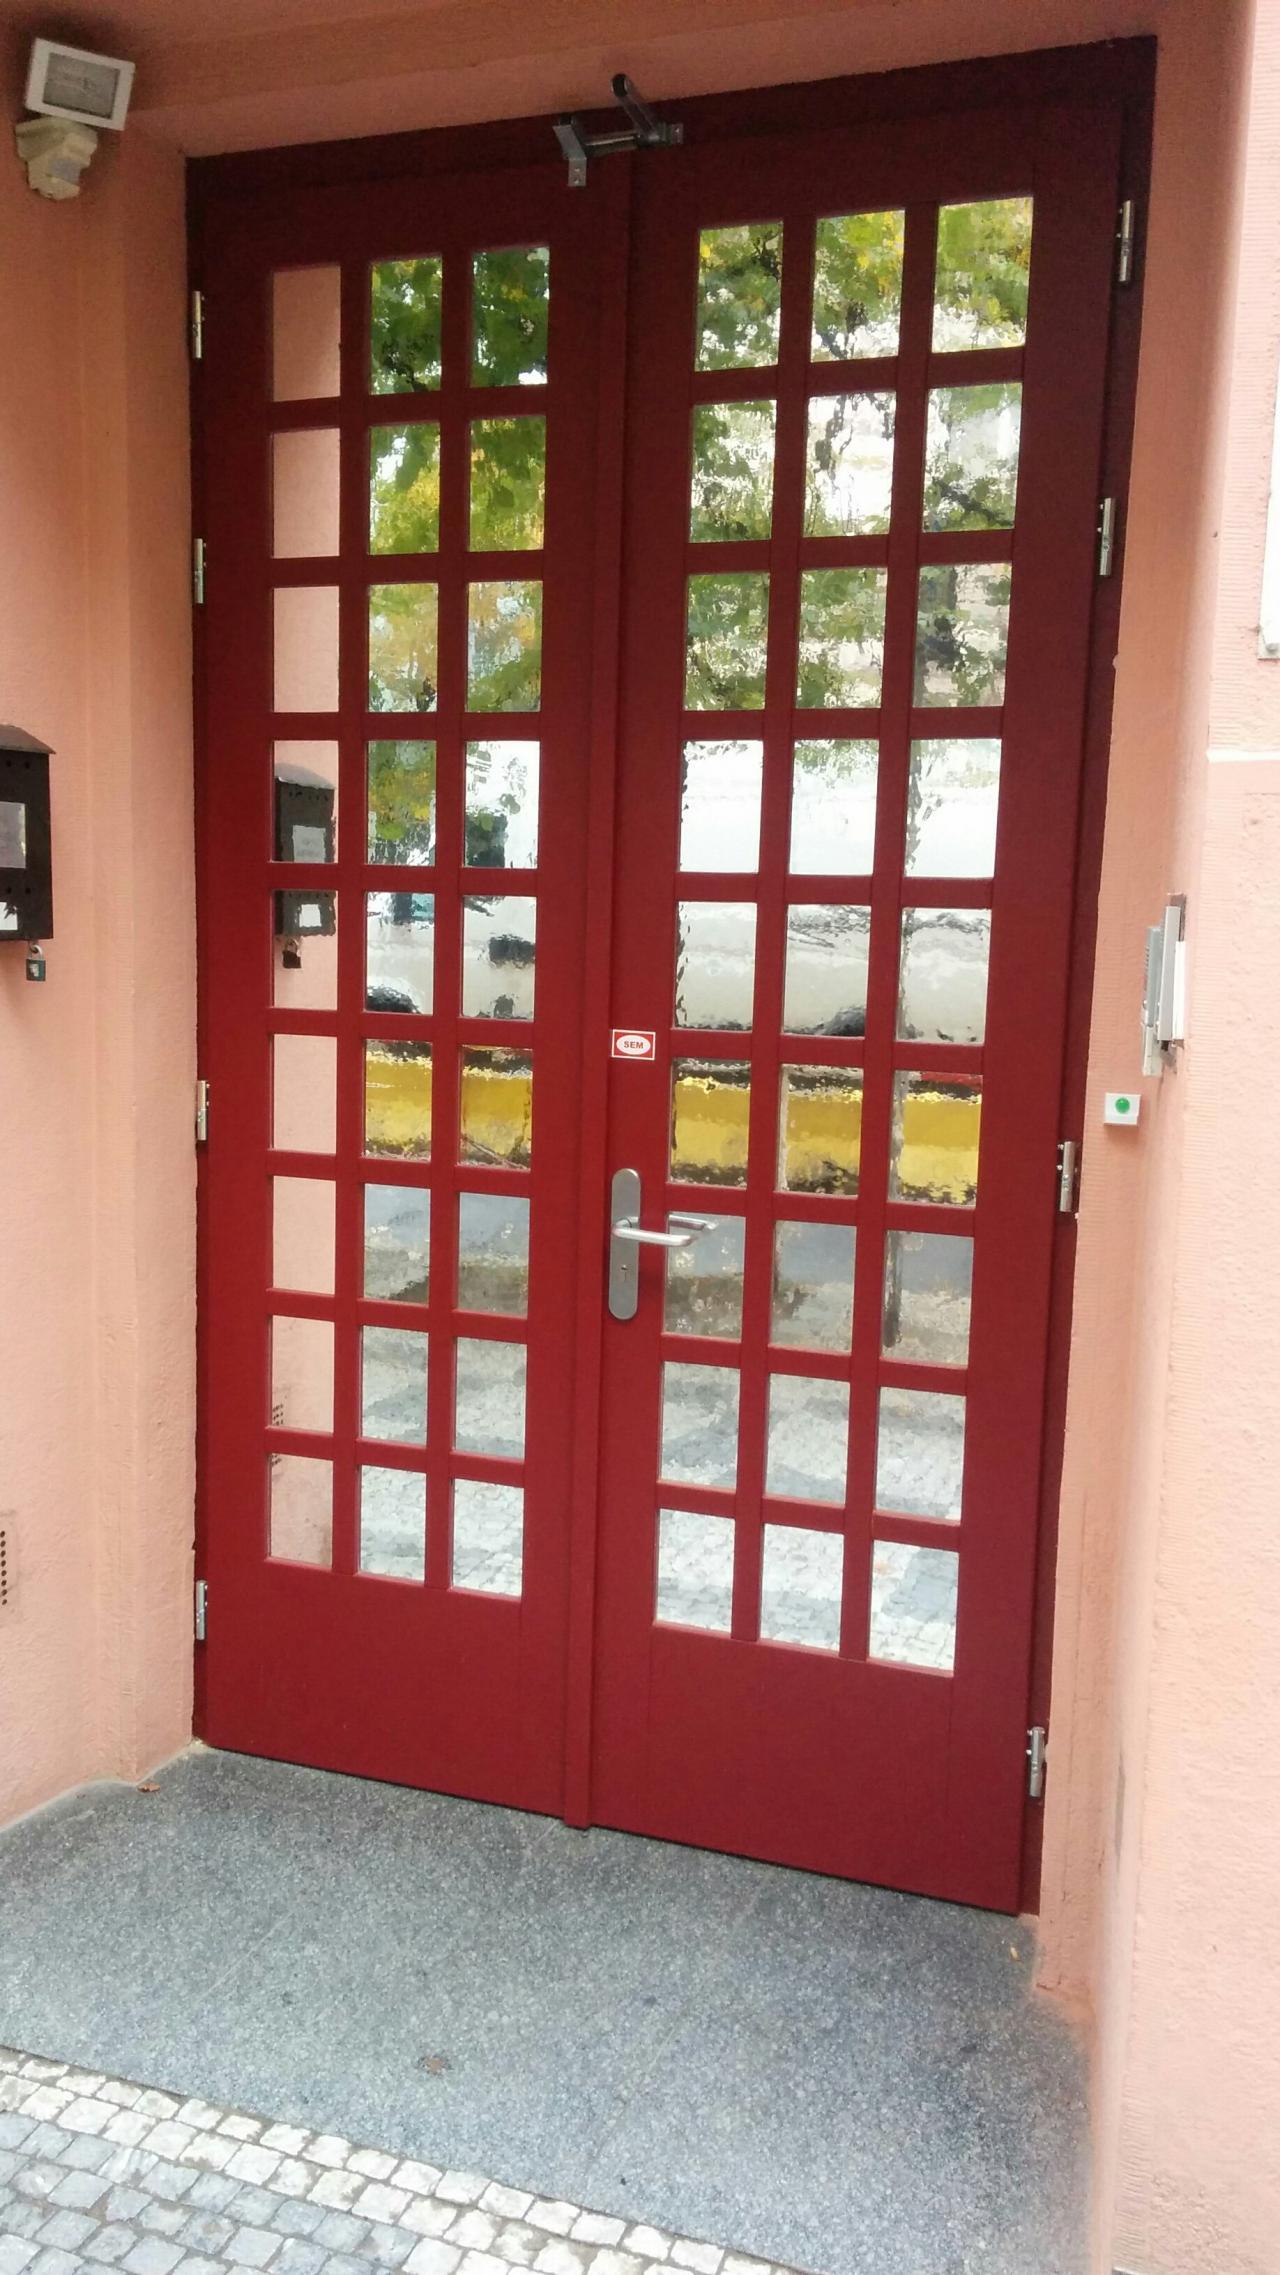 Dubové dveře  - památkově chráněný design se zámkem Abloy elektromechanickým